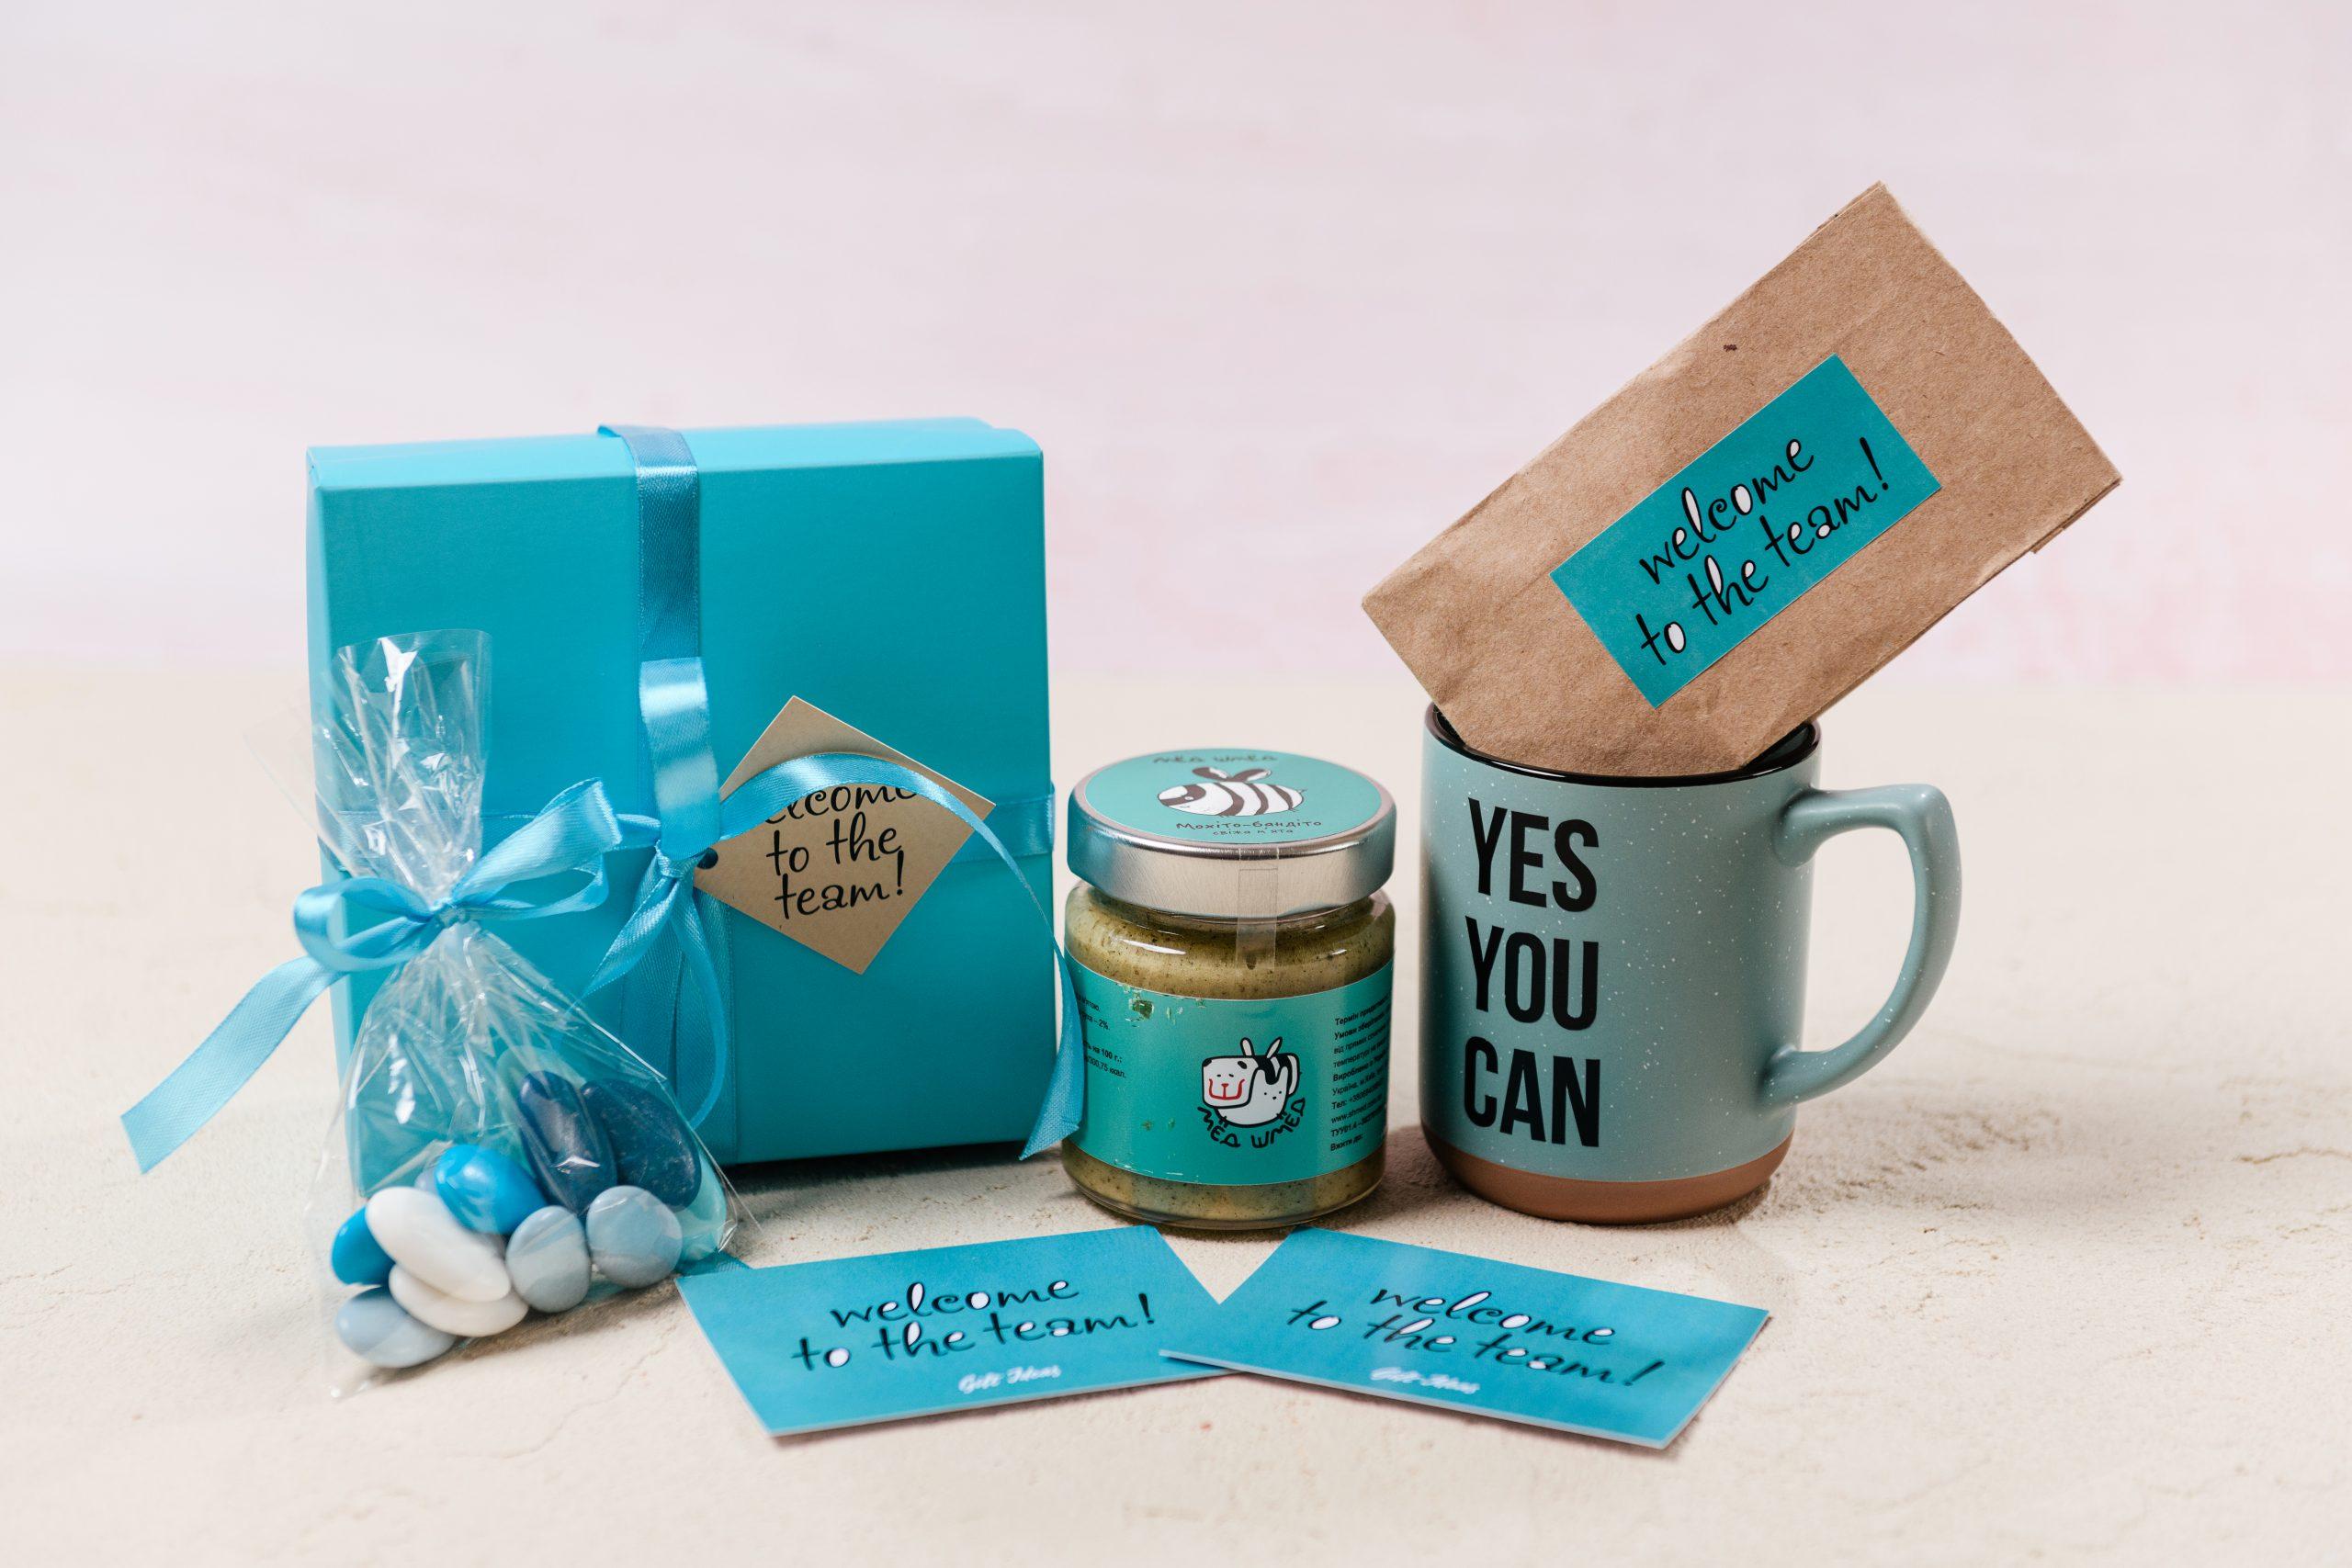 Приветственные наборы от Gift Ideas